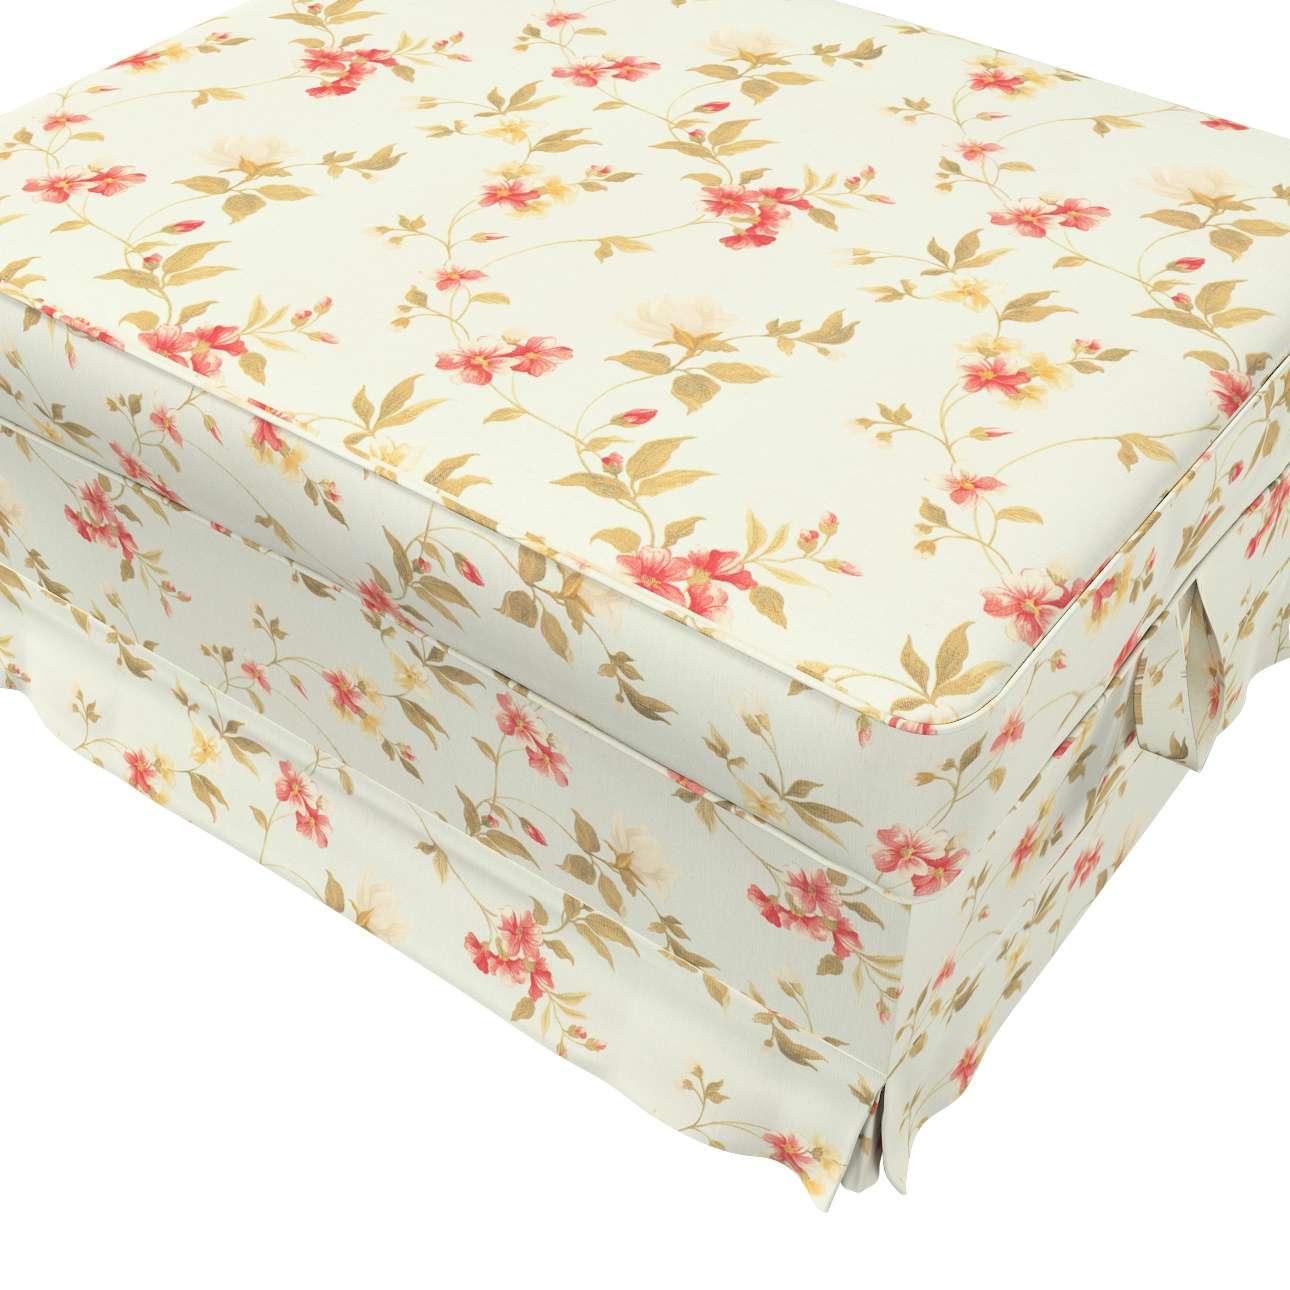 Pokrowiec na podnóżek Ektorp Bromma w kolekcji Londres, tkanina: 124-65